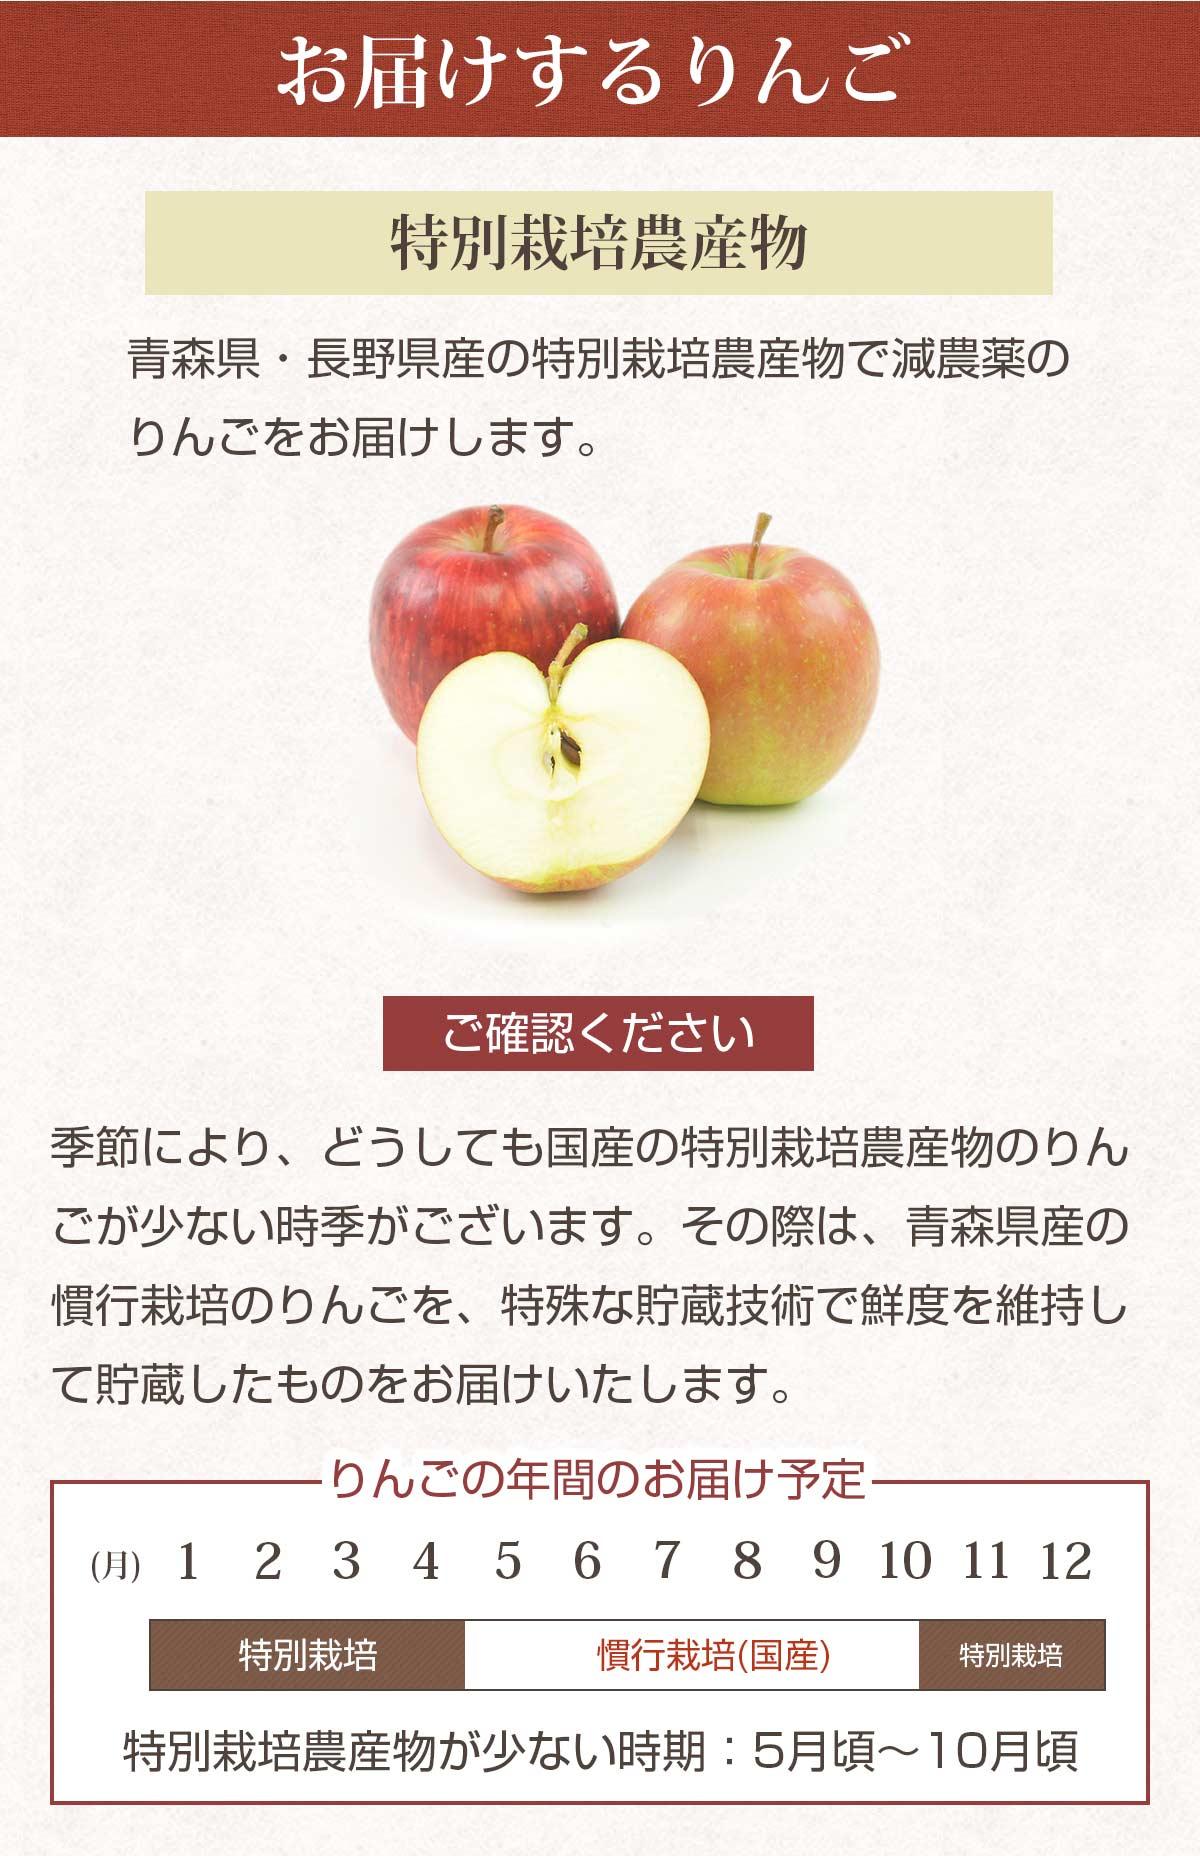 特別栽培農産物りんご